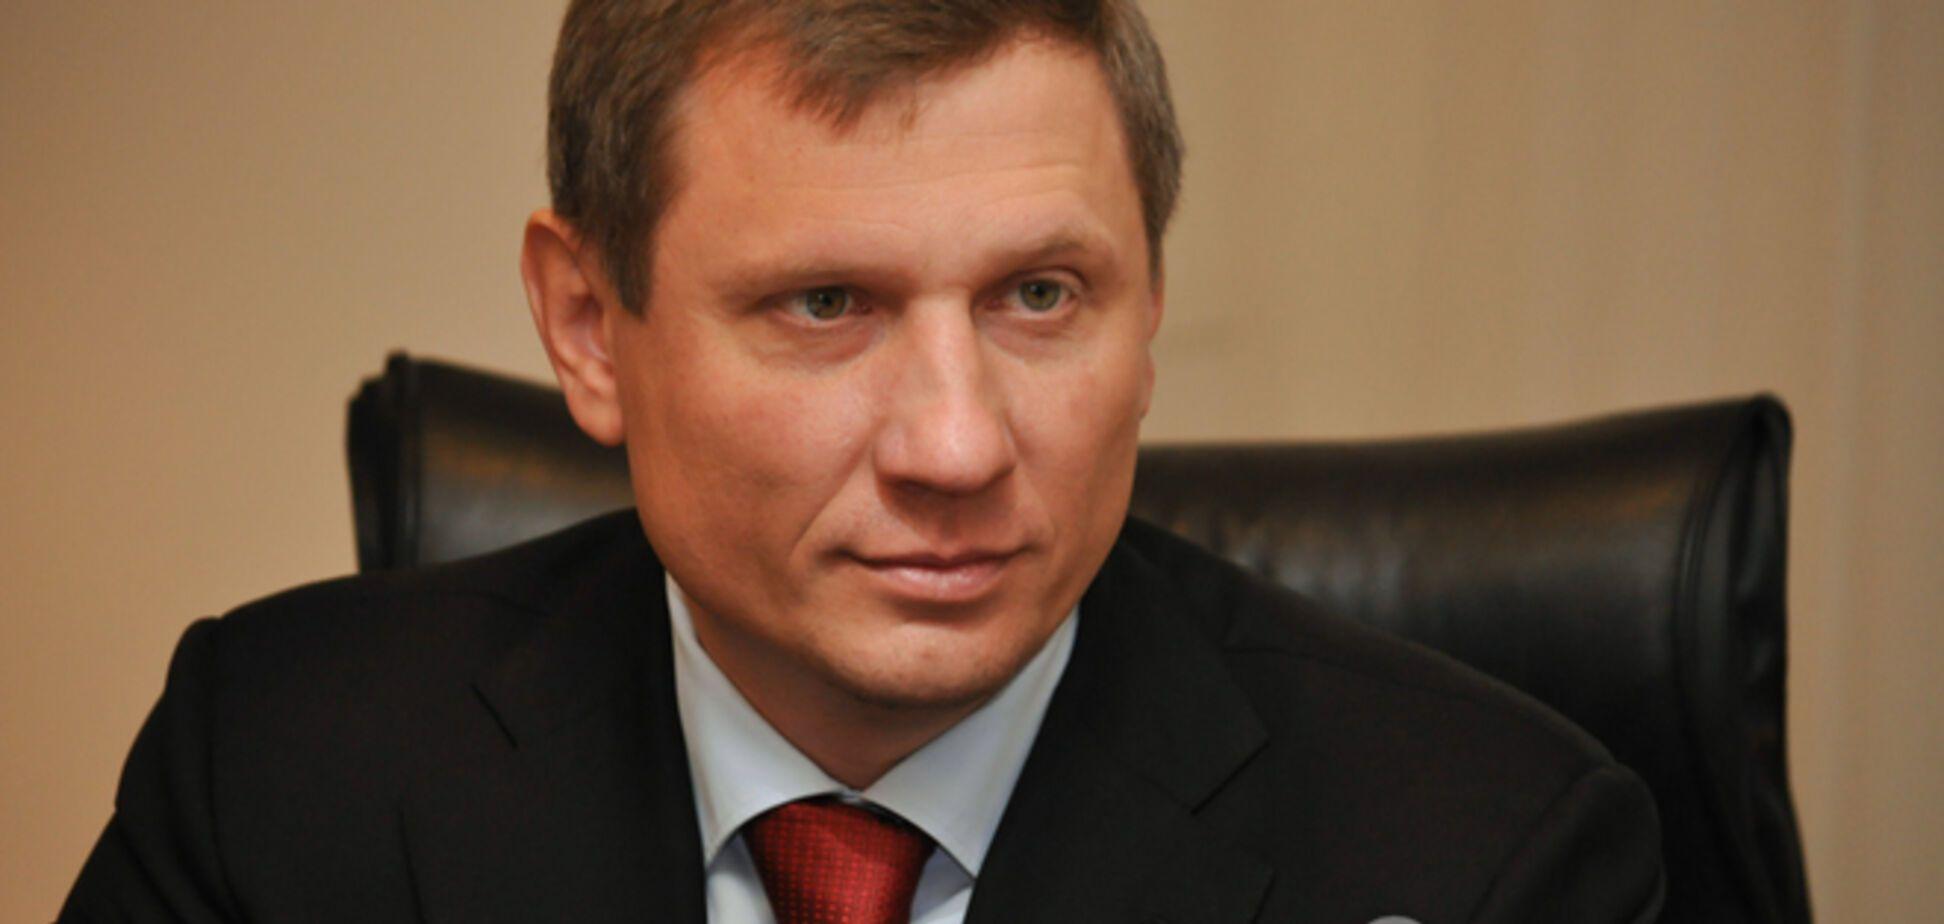 Сергей Шахов: Выборы на Донбассе показали, что общественные настроения медленно, но меняются